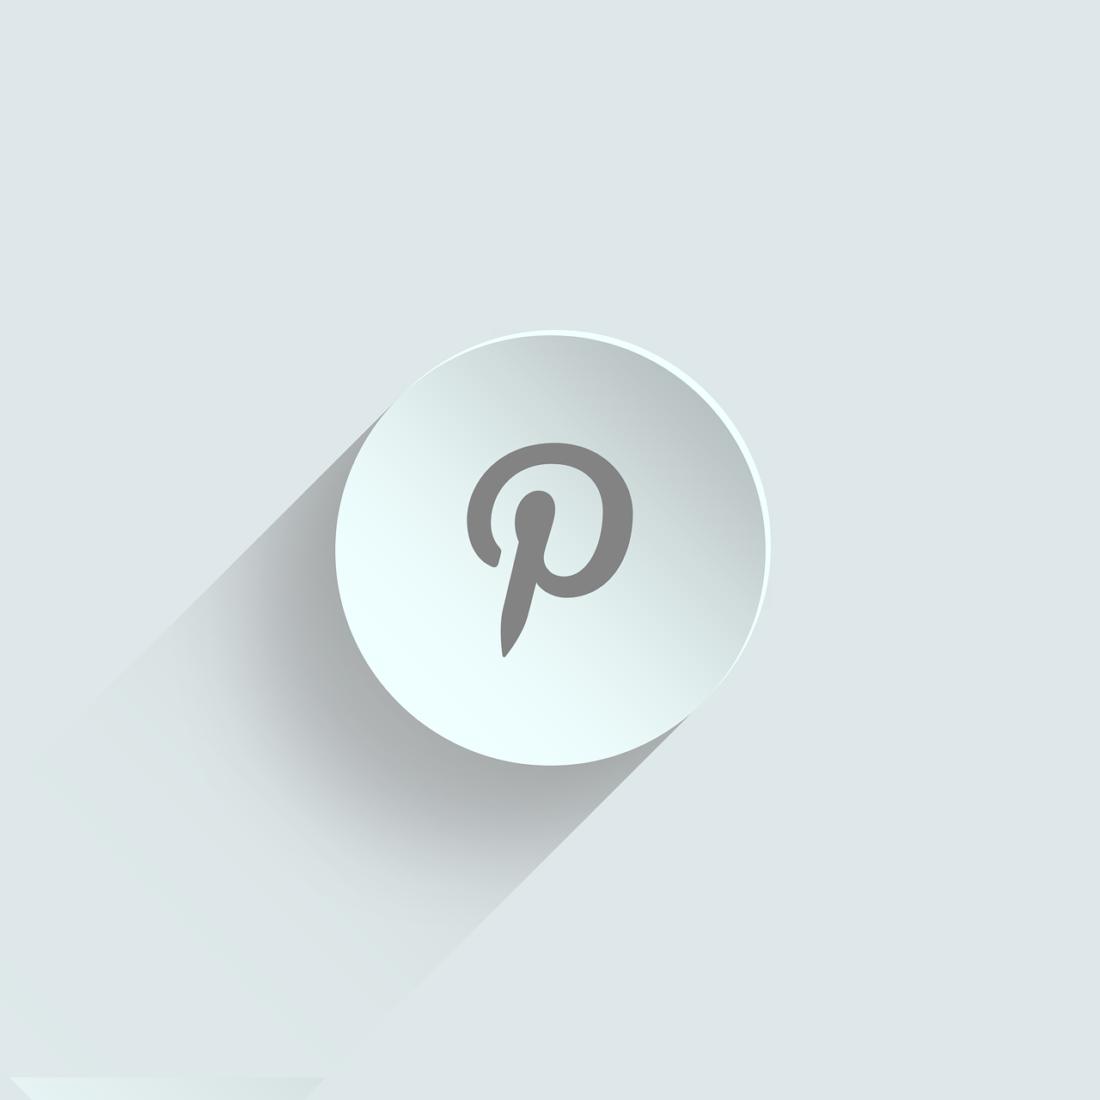 Strategia marketingowa | Pinterest – jak wykorzystać go w biznesie? | Patryk Chwiałkowski